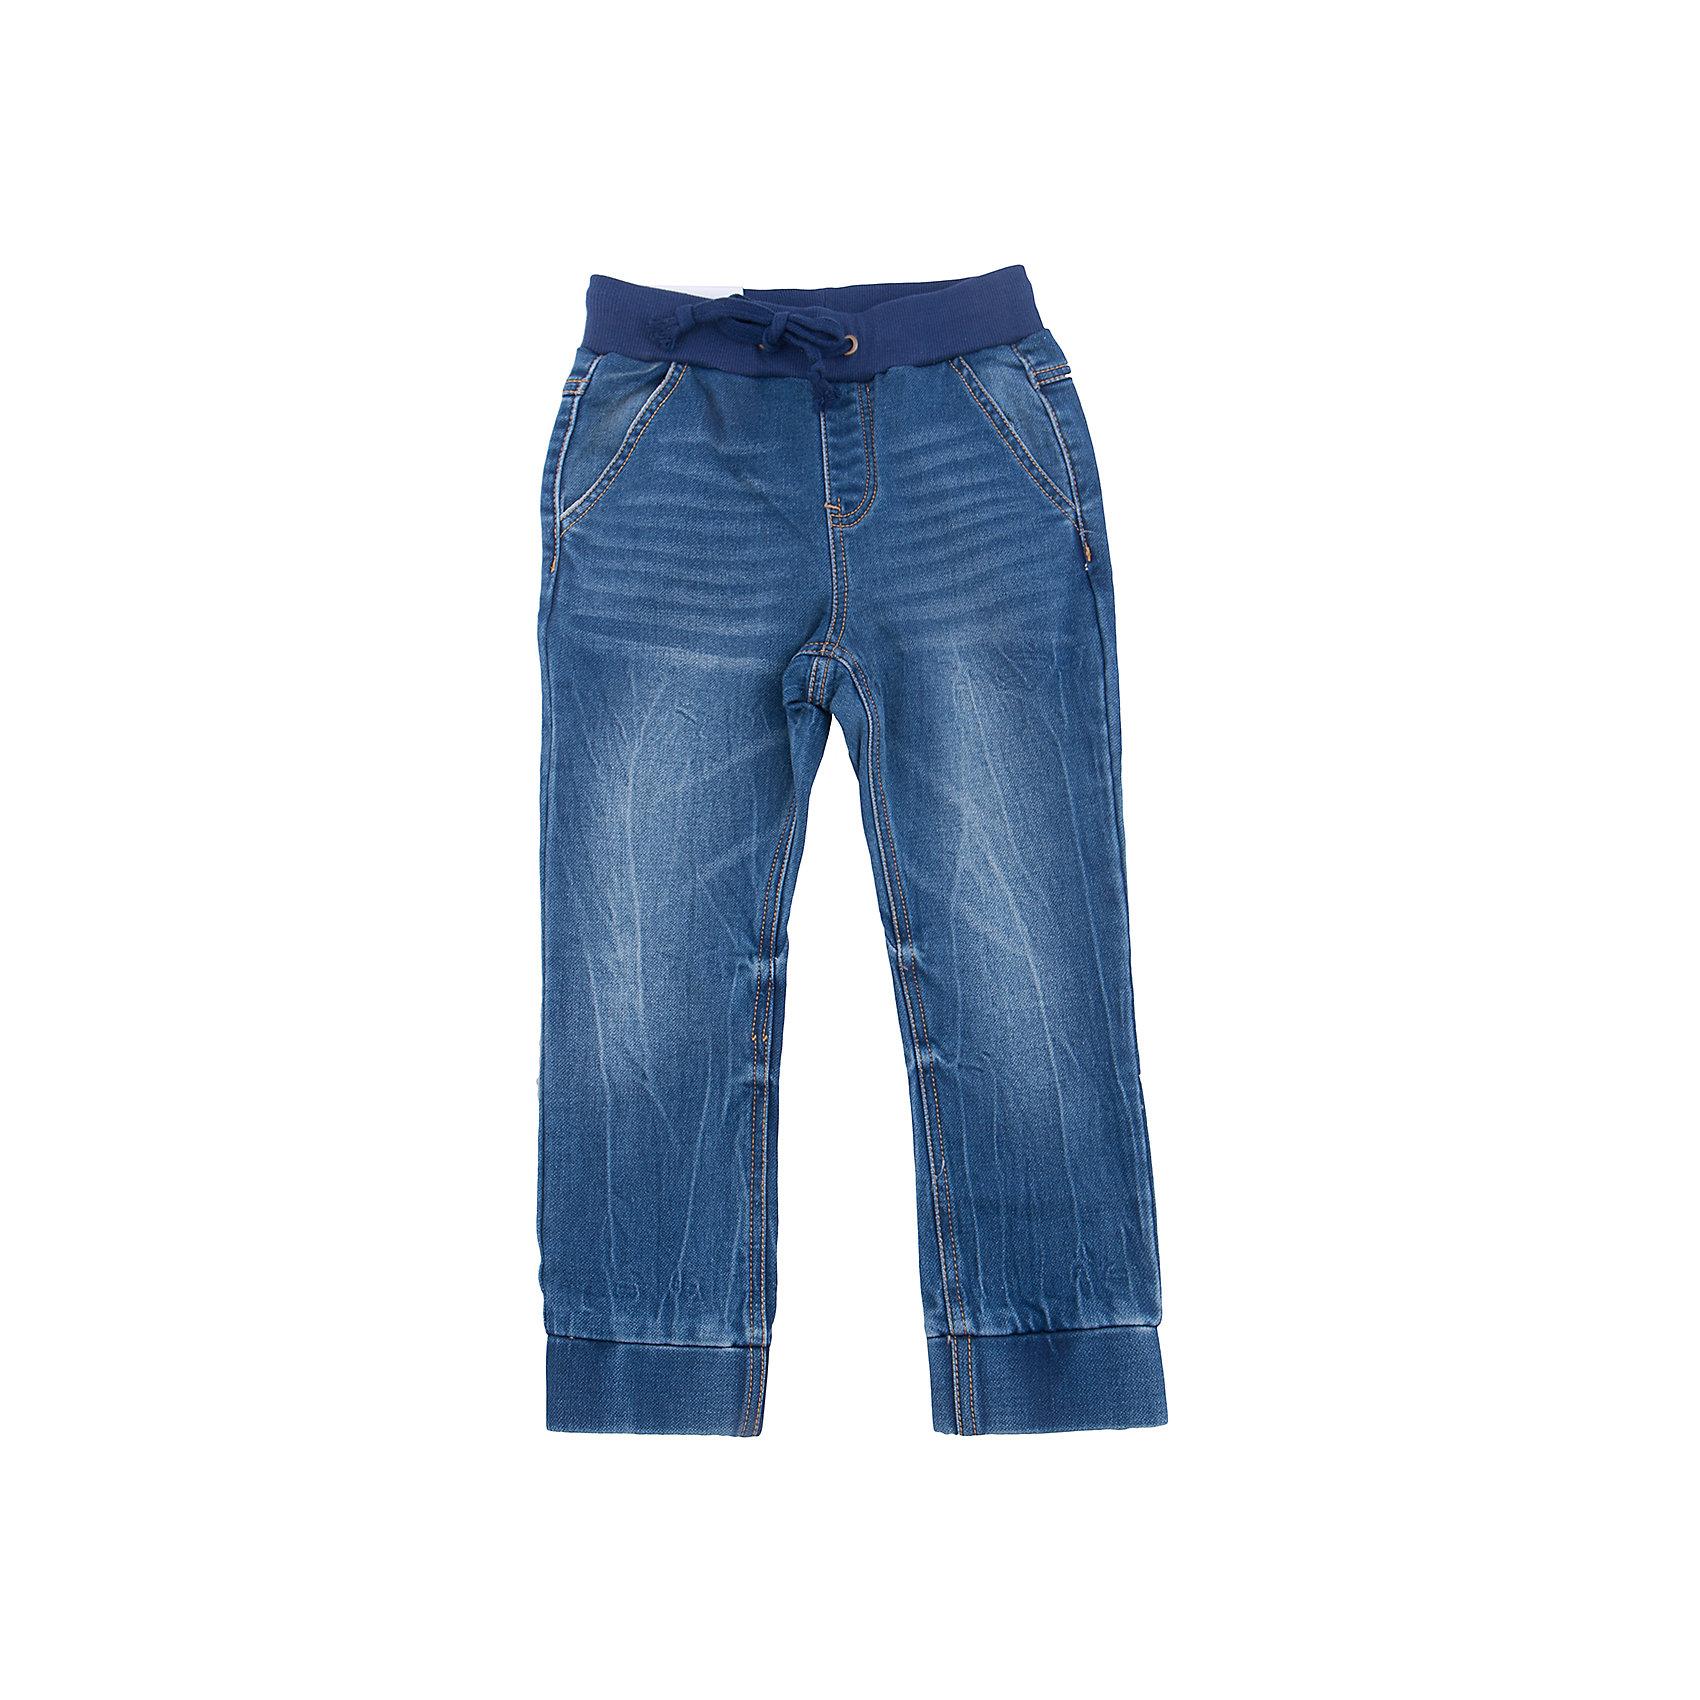 Брюки для мальчика PlayTodayБрюки для мальчика PlayToday<br>Практичные удобные брюки из джинсовой ткани с эффектом потертости и сжатым эффектом будут уместны в любом гардеробе. Мягкая резинка со шнуром - кулиской позволят регулировать брюки по фигуре. Плотные манжеты по низу брюк придают изделию оригинальность. Не сковывают движений ребенка. <br><br>Преимущества: <br><br>1 накладной и 2 прорезных кармана<br>Мягкая ткань не сковывает движения ребенка<br>Пояс на мягкой резинке со шнуром - кулиской<br><br>Состав:<br>78% хлопок, 20% полиэстер, 2% эластан<br><br>Ширина мм: 215<br>Глубина мм: 88<br>Высота мм: 191<br>Вес г: 336<br>Цвет: синий<br>Возраст от месяцев: 84<br>Возраст до месяцев: 96<br>Пол: Мужской<br>Возраст: Детский<br>Размер: 128,98,104,110,116,122<br>SKU: 5403193